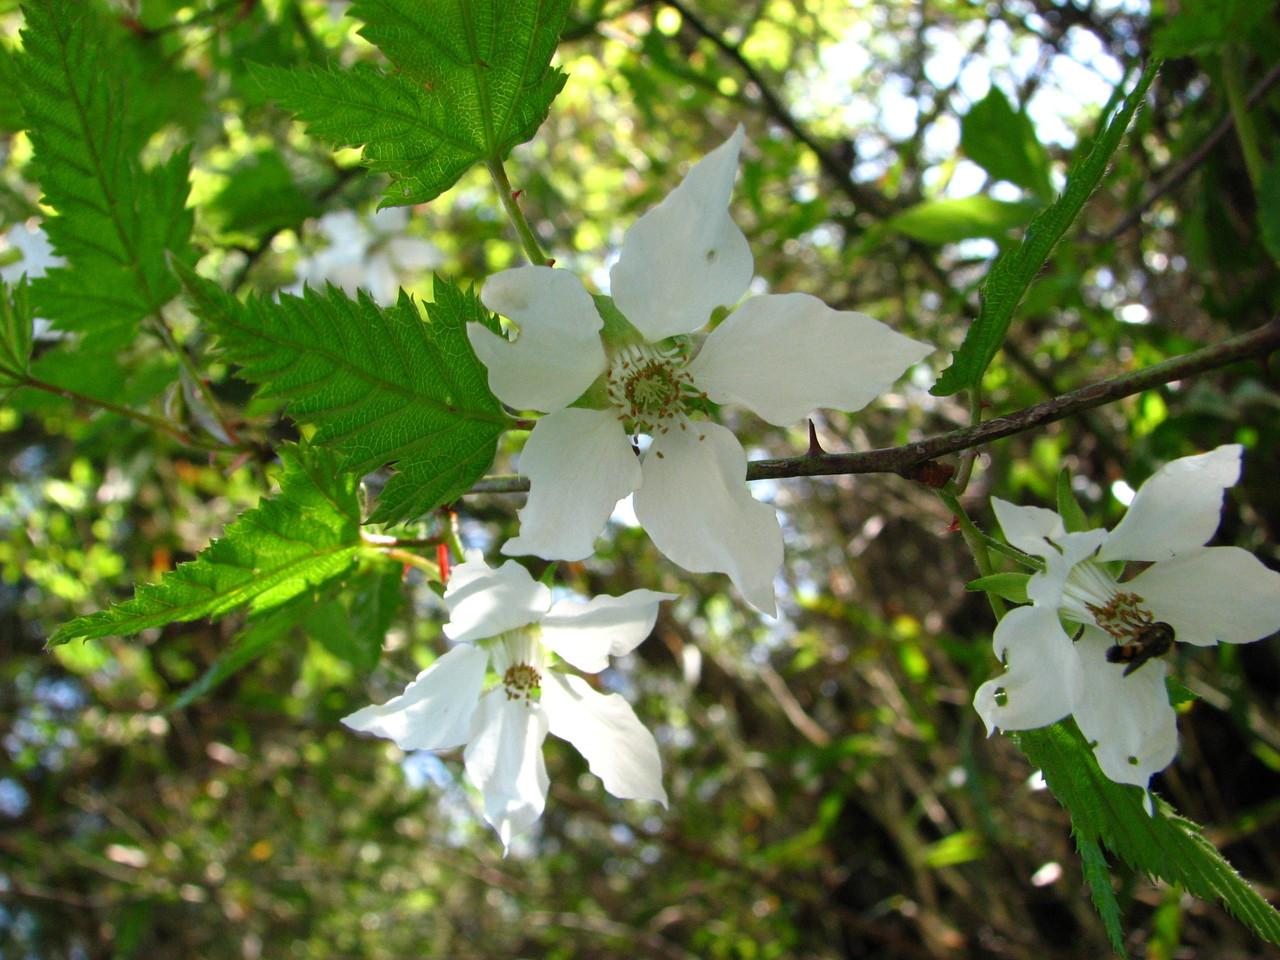 ナガバモミジイチゴ(バラ科) Rubus palmatus